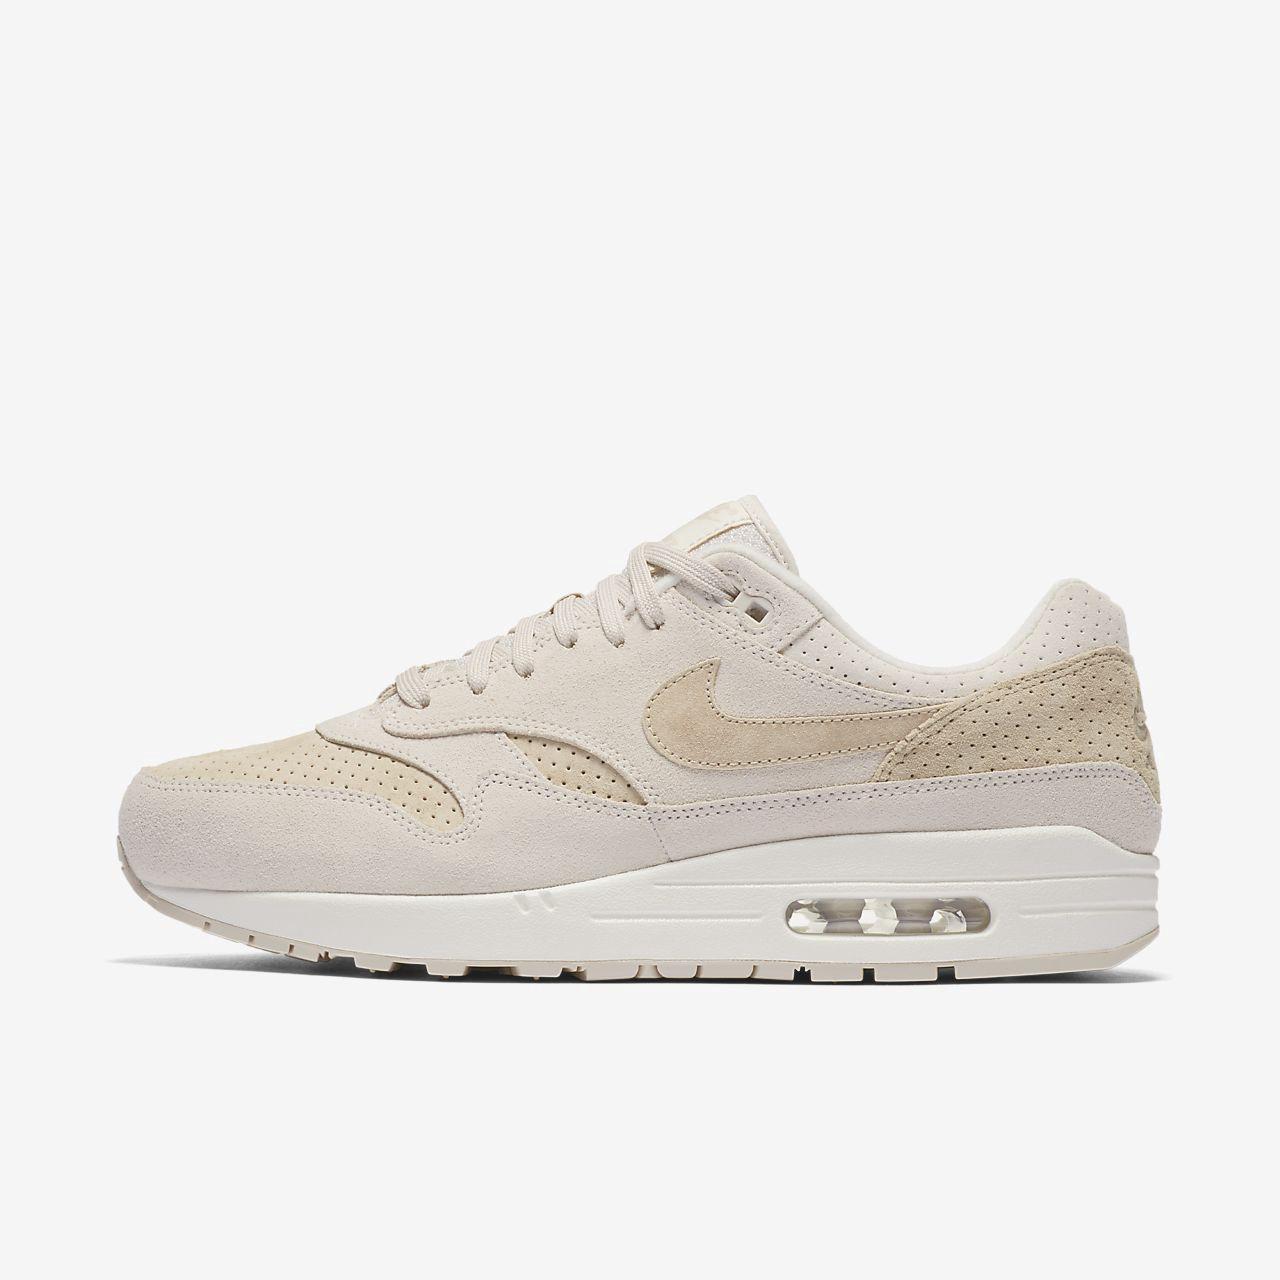 classic fit 7517f 5fbf4 Nike Air Max 1 Premium Sneakers - Pink